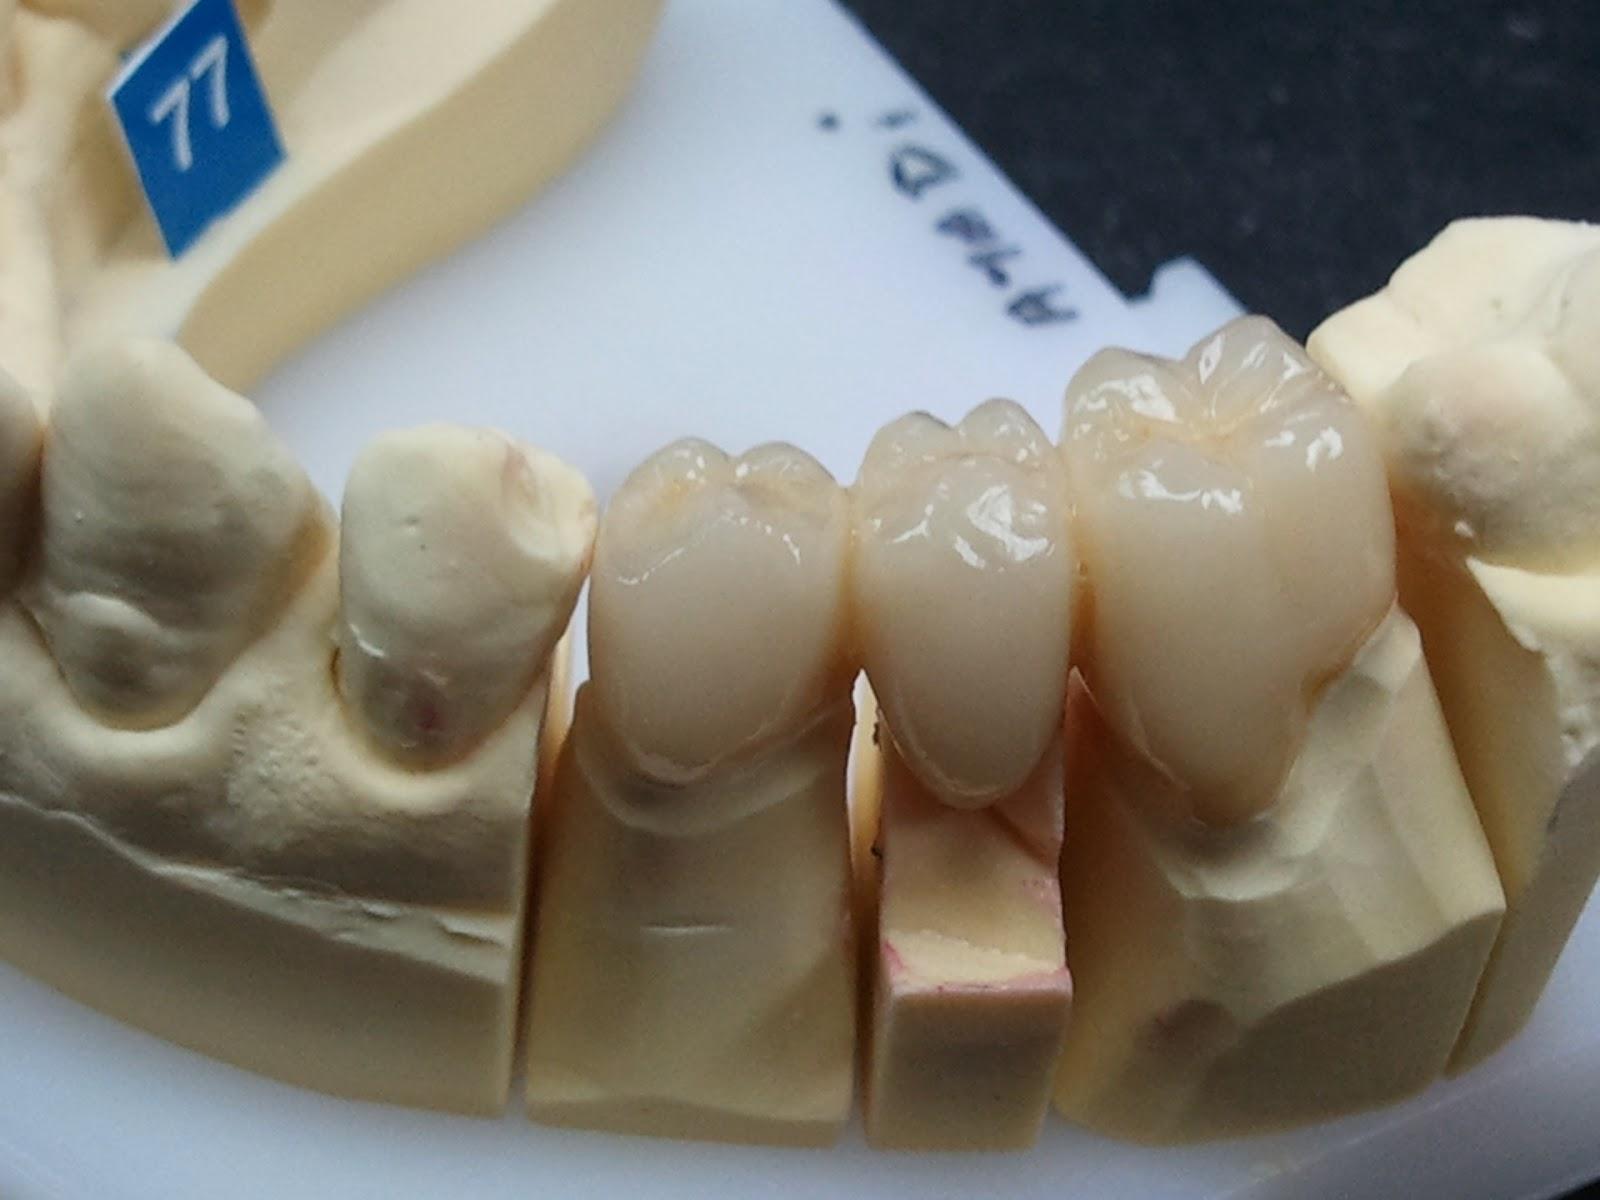 blog prothesiste dentaire Le laboratoire vient d'acquérir d'une fraiseuse dentaire roland dwx-51d  une  des plus  sur le blog des prothésiste dentaire dans le site aller aux fraises.